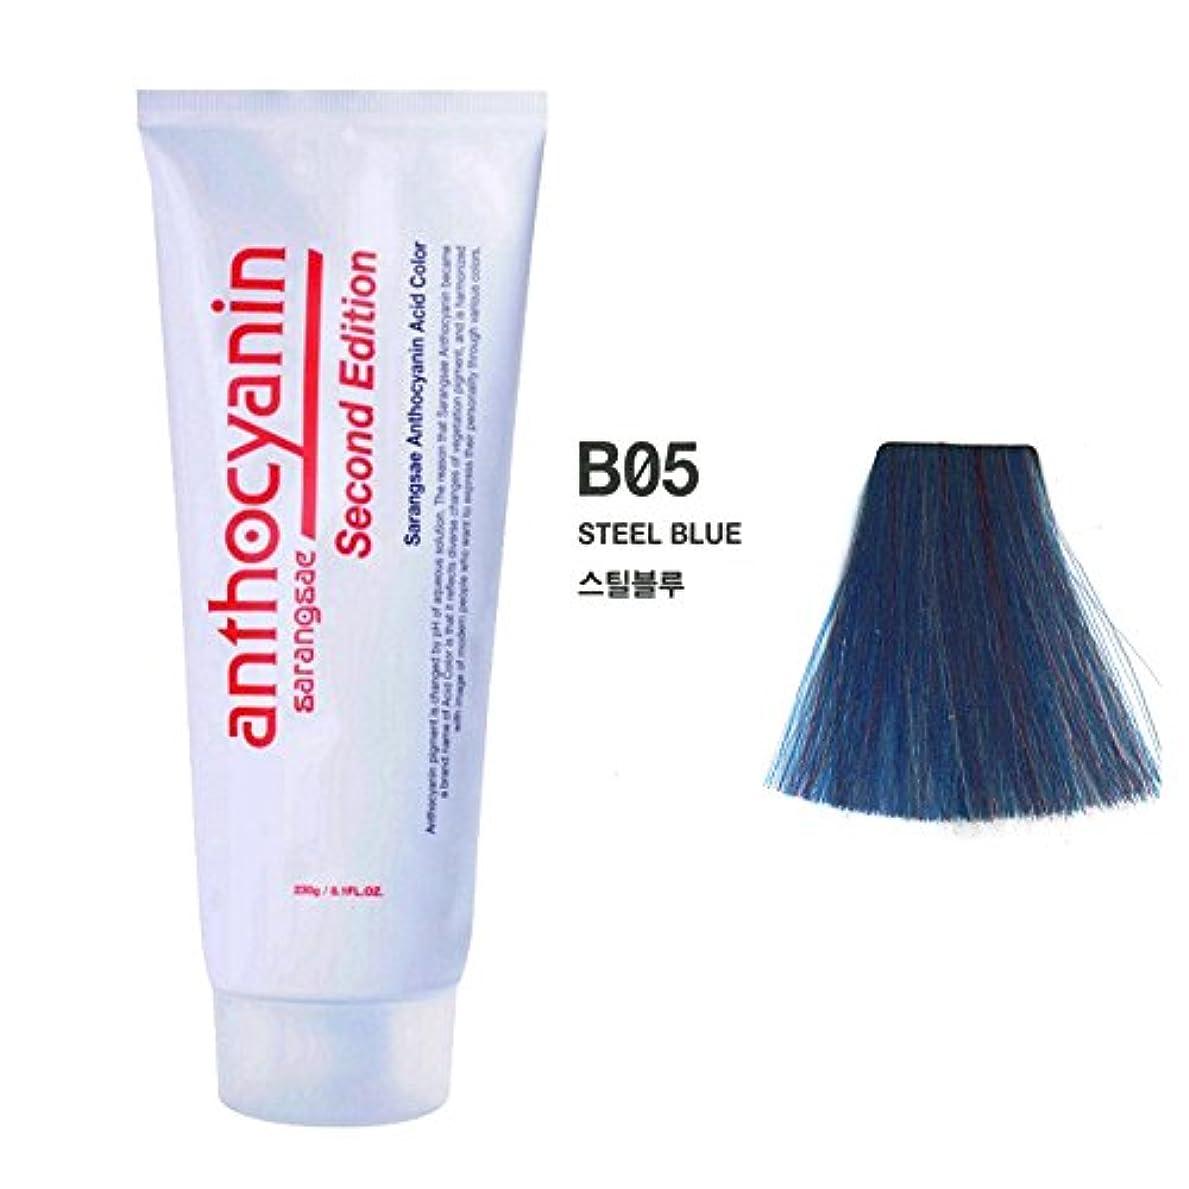 傾く息苦しい一定ヘア マニキュア カラー セカンド エディション 230g セミ パーマネント 染毛剤 (Hair Manicure Color Second Edition 230g Semi Permanent Hair Dye) [並行輸入品] (B05 Steel Blue)